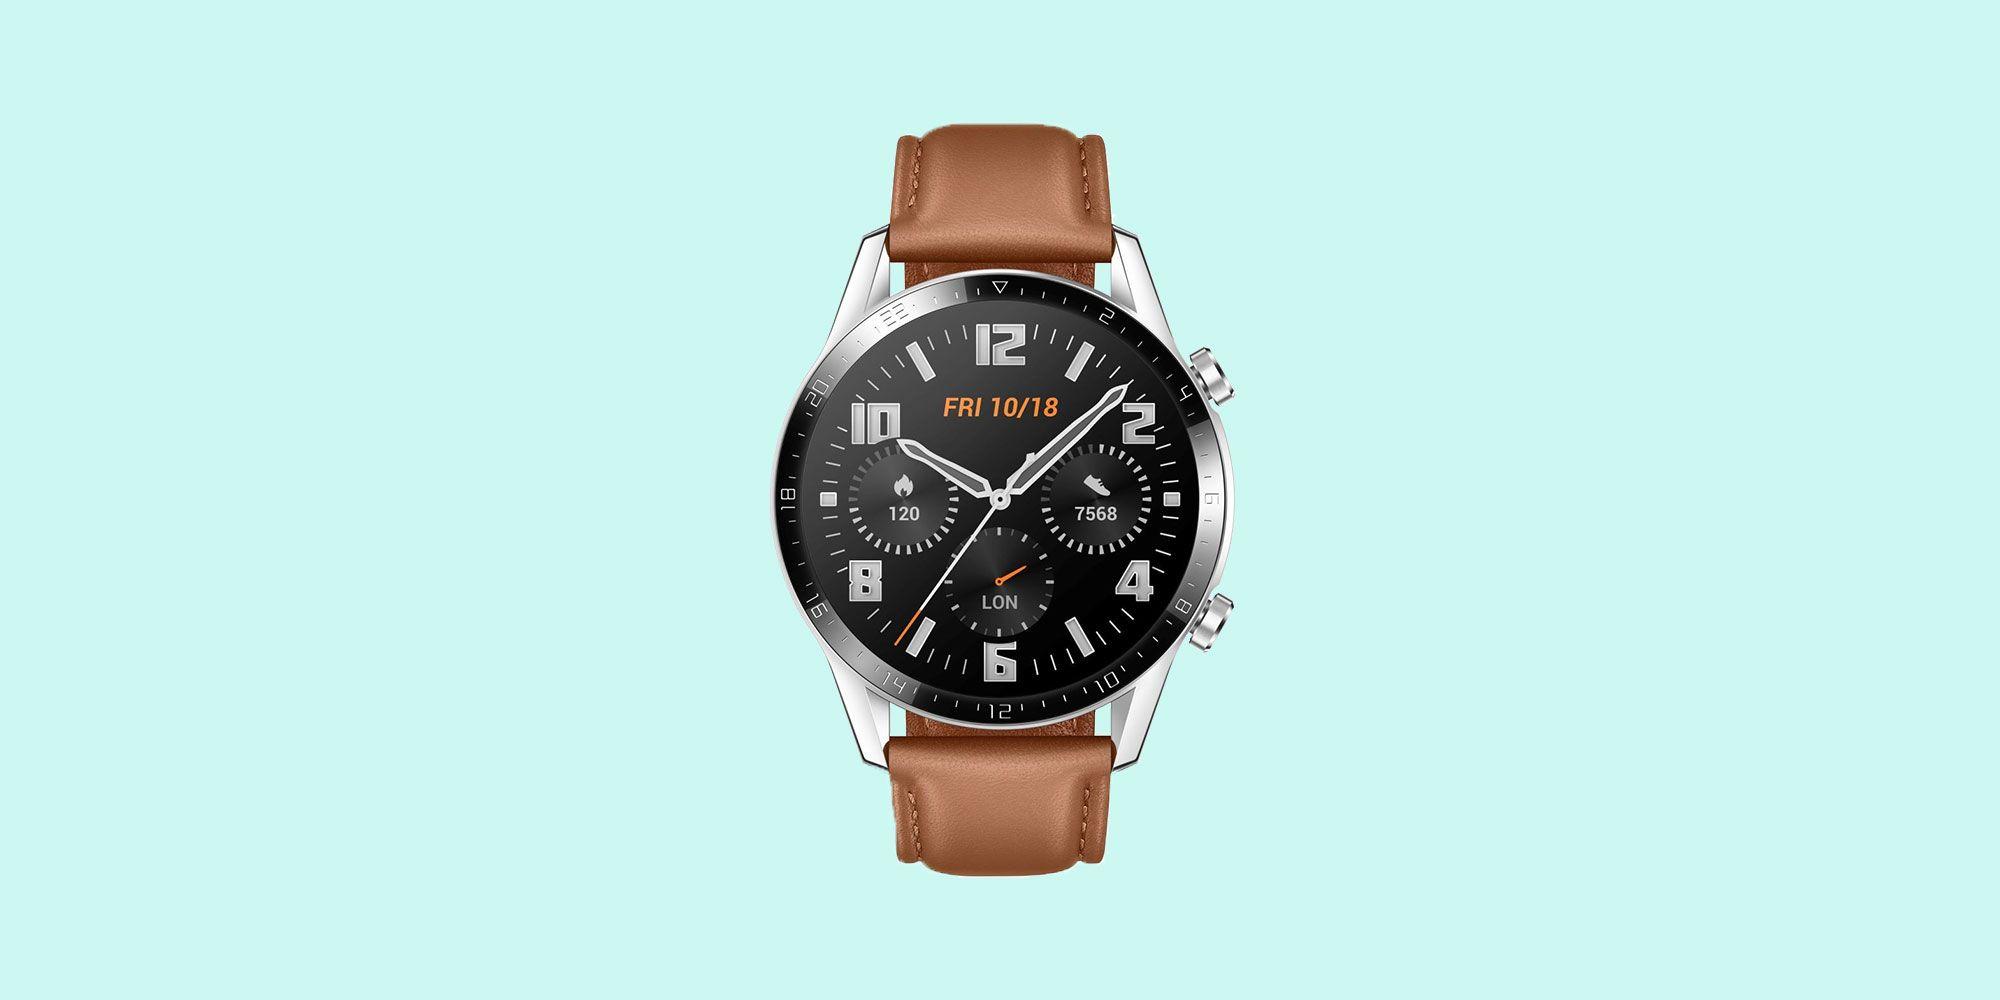 Huawei Watch GT 2 Classic Edition